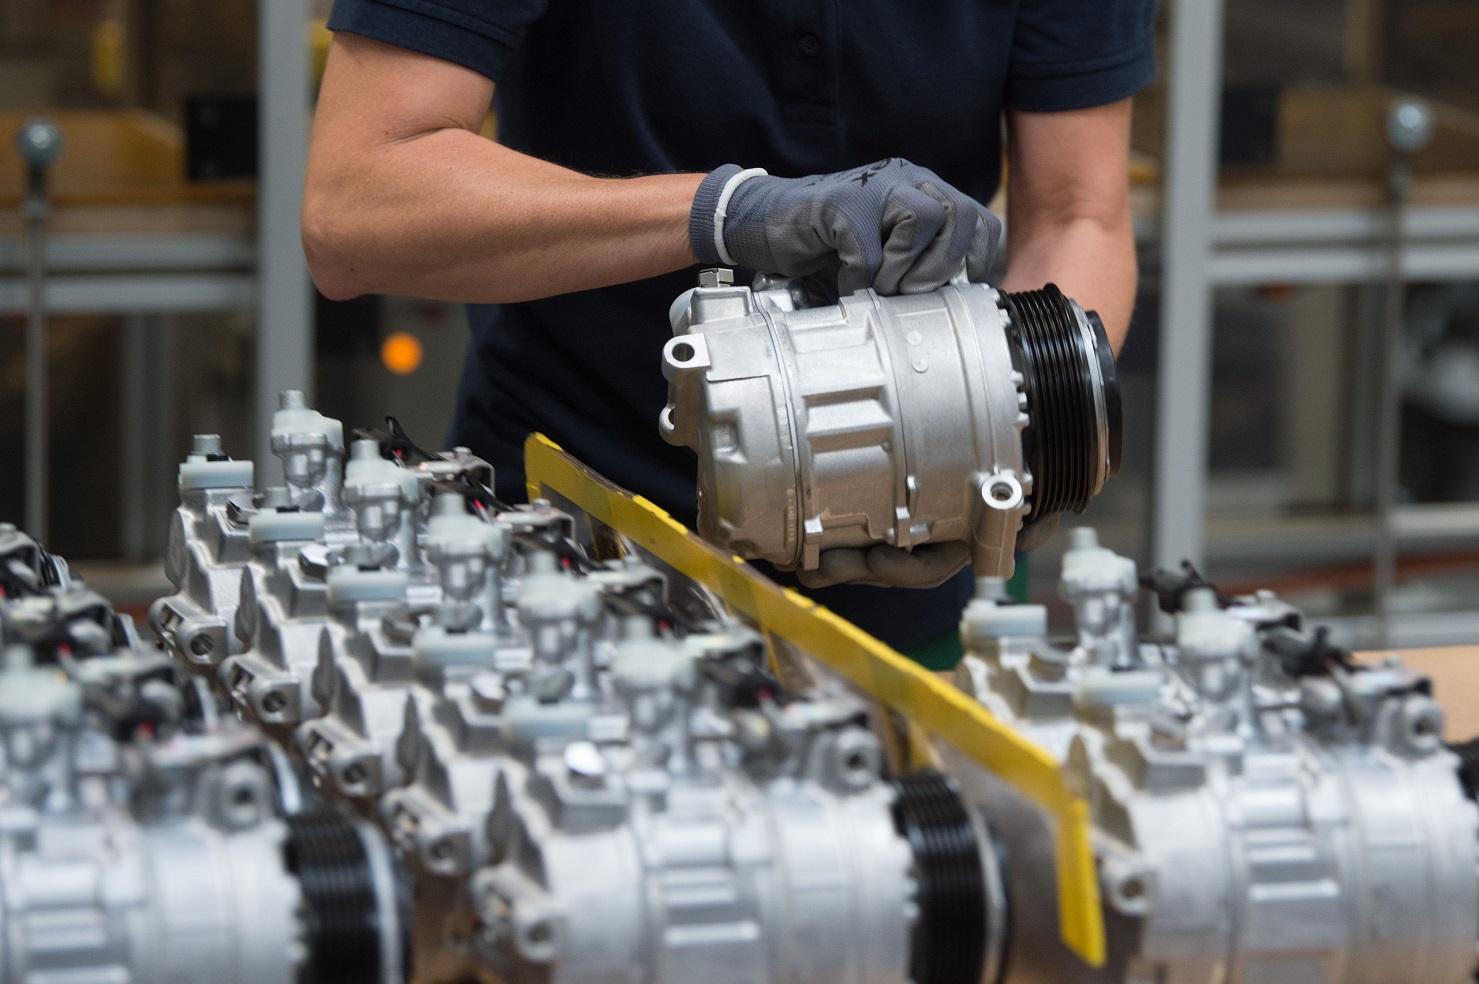 Fábrica de compressores na Alemanha. O país é um dos que mais investe em inovação e eficiência energética. Foto Sebastian Kahnert/DPA